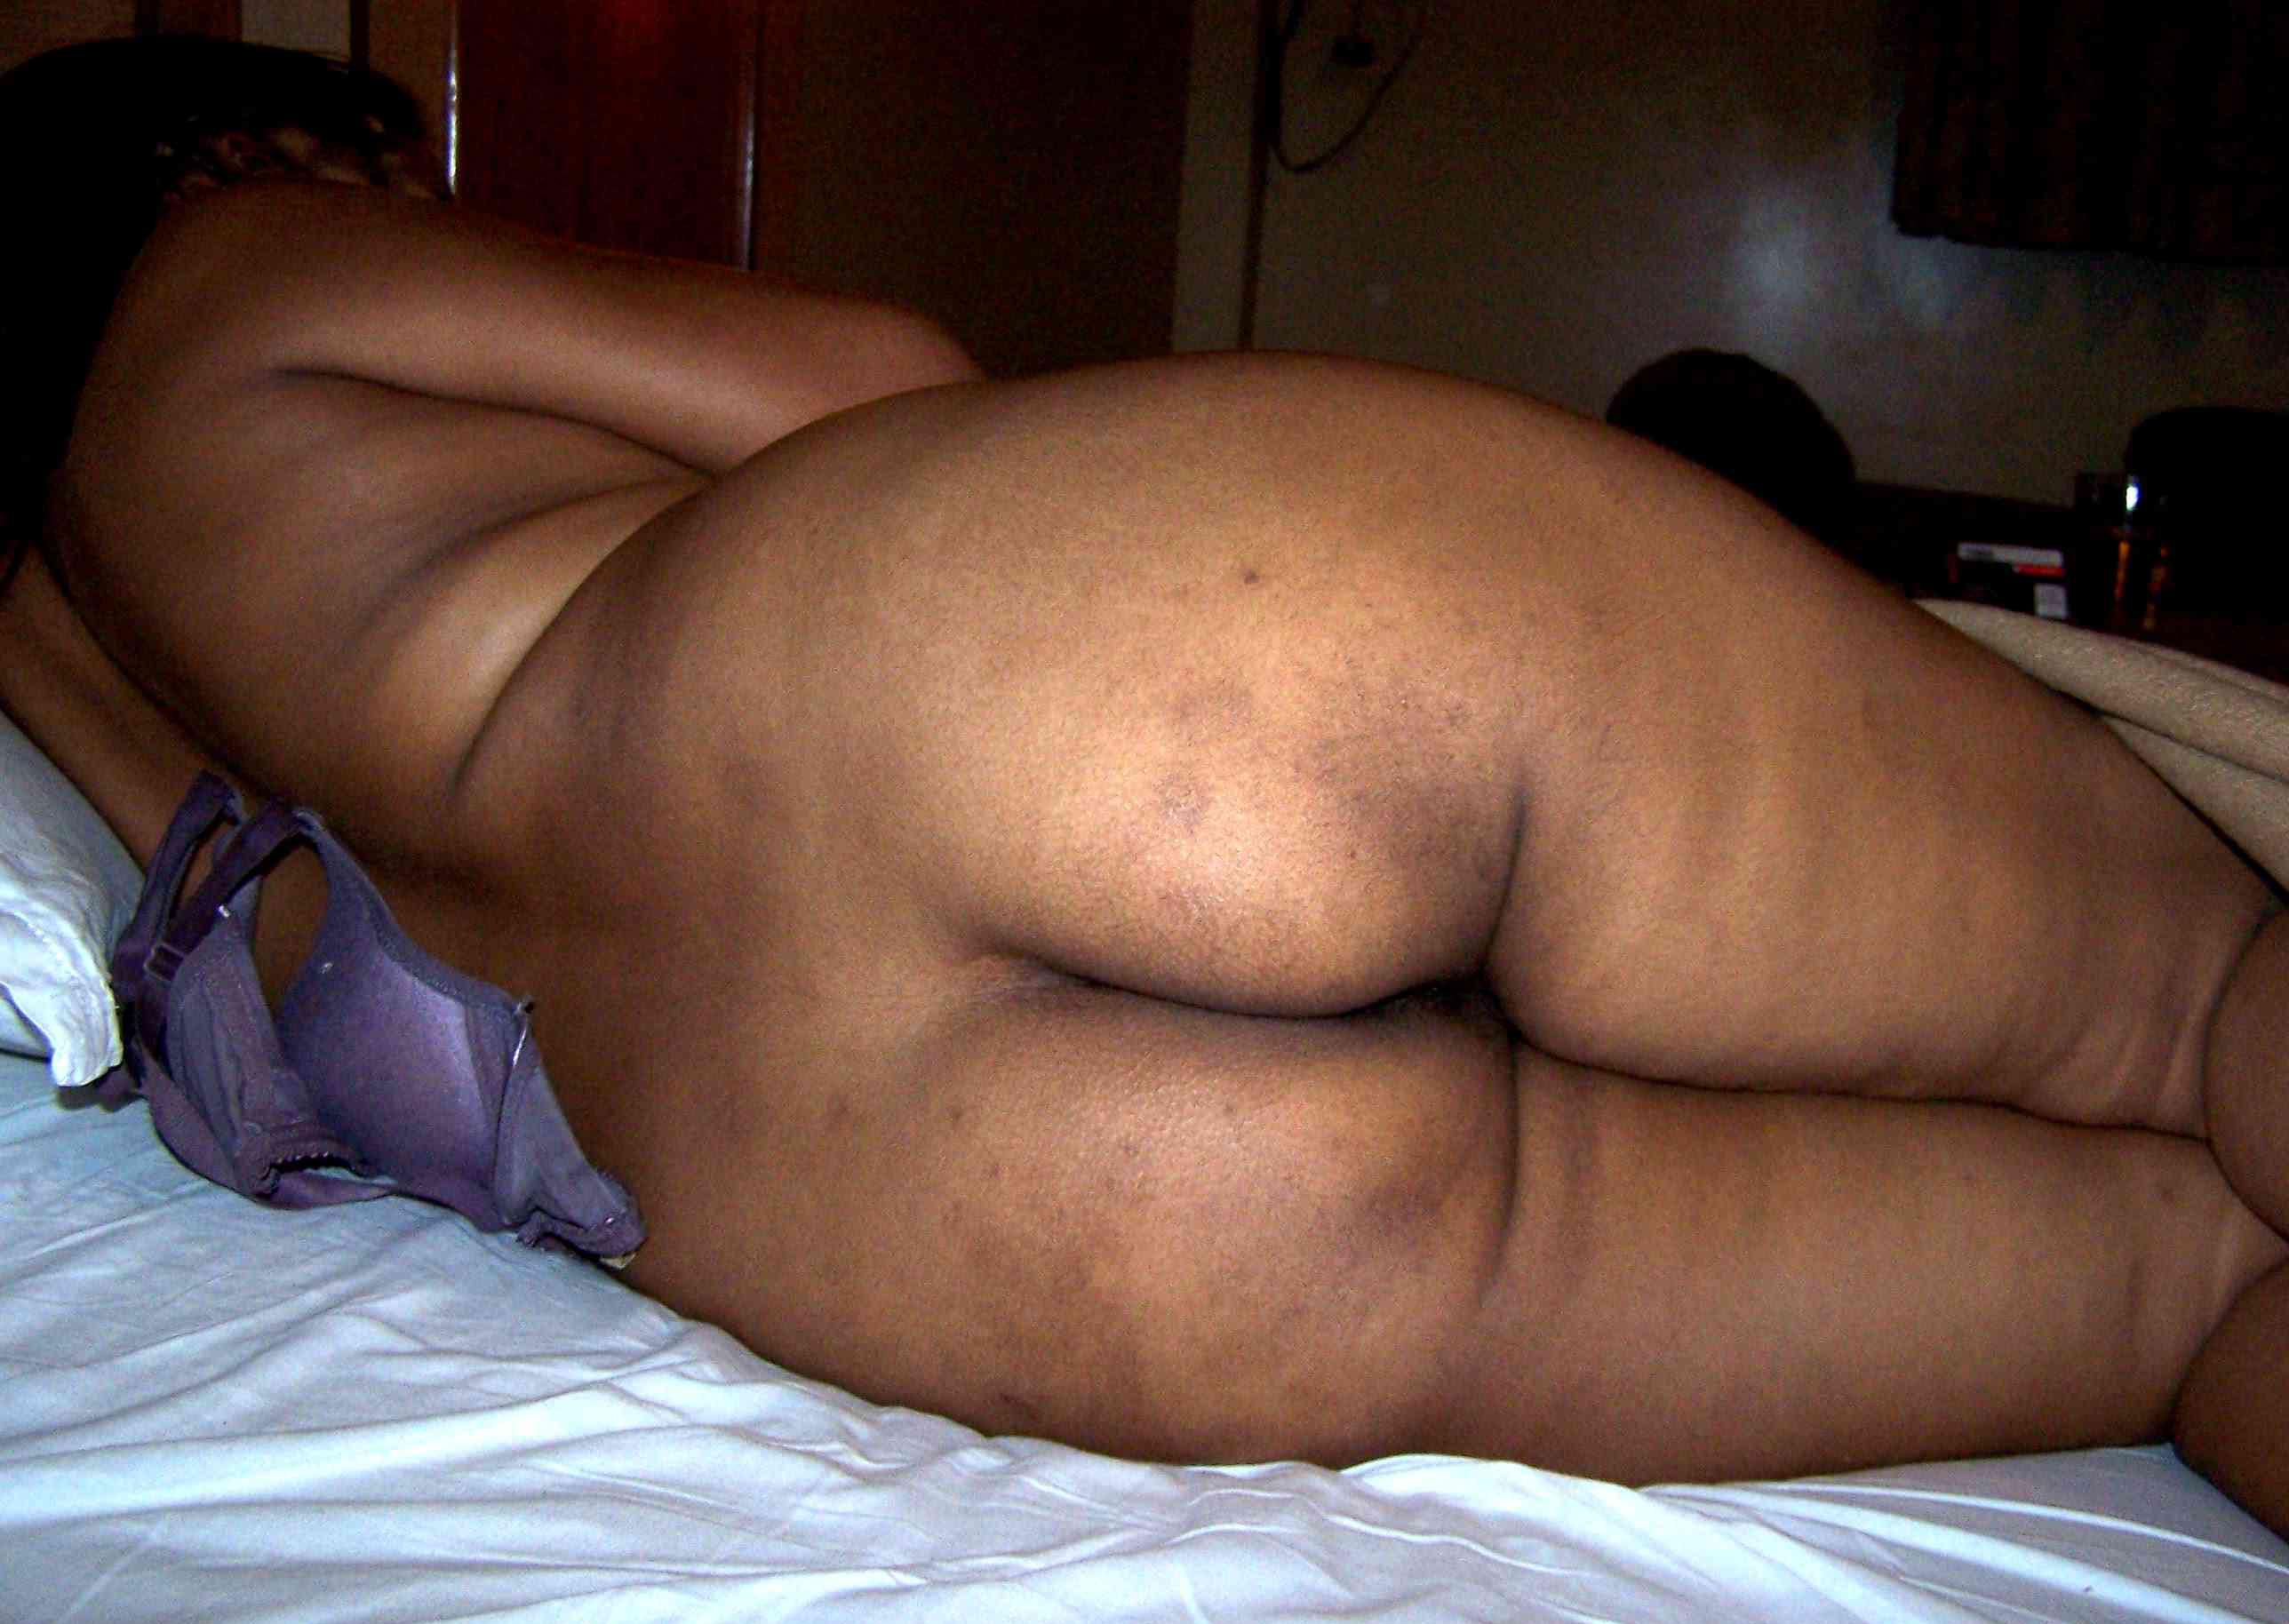 women indian Big ass